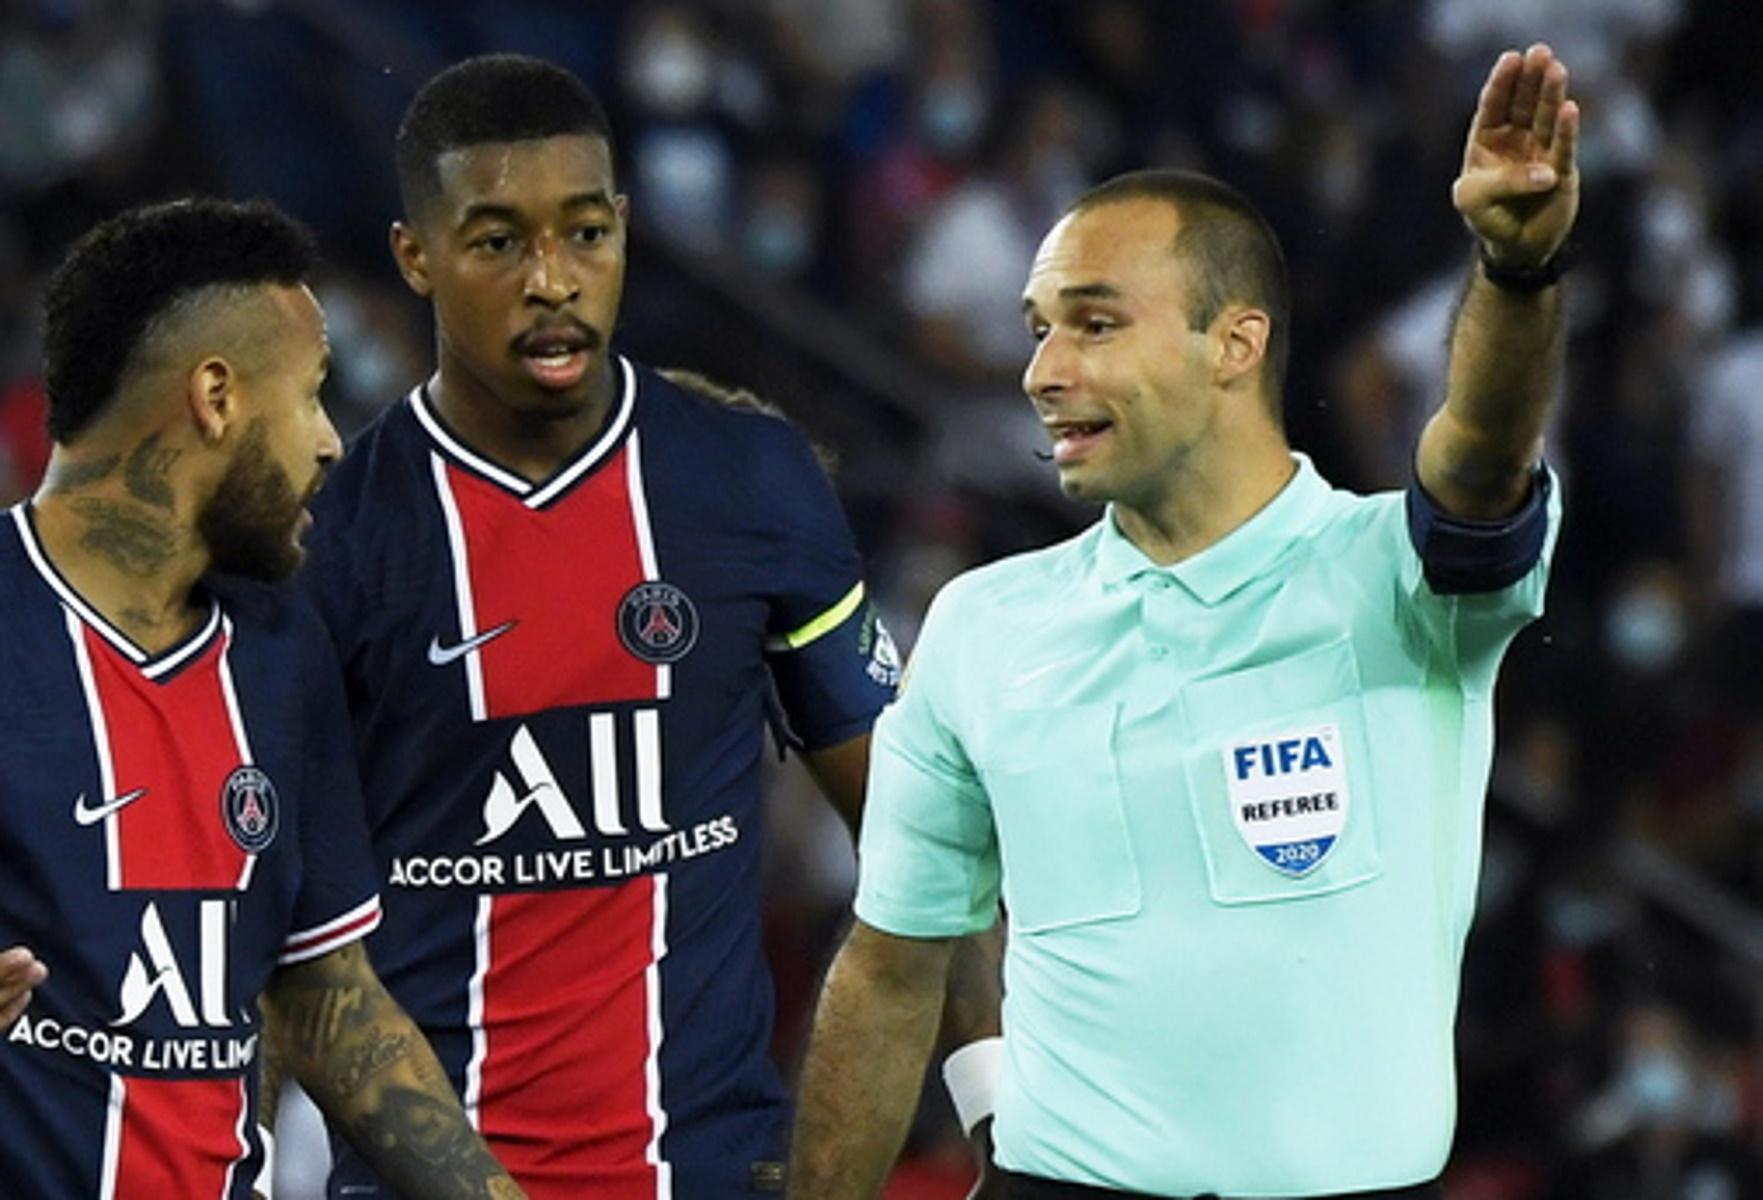 ΠΑΟΚ – Ριέκα: Γάλλος διαιτητής στο ματς της Τούμπας